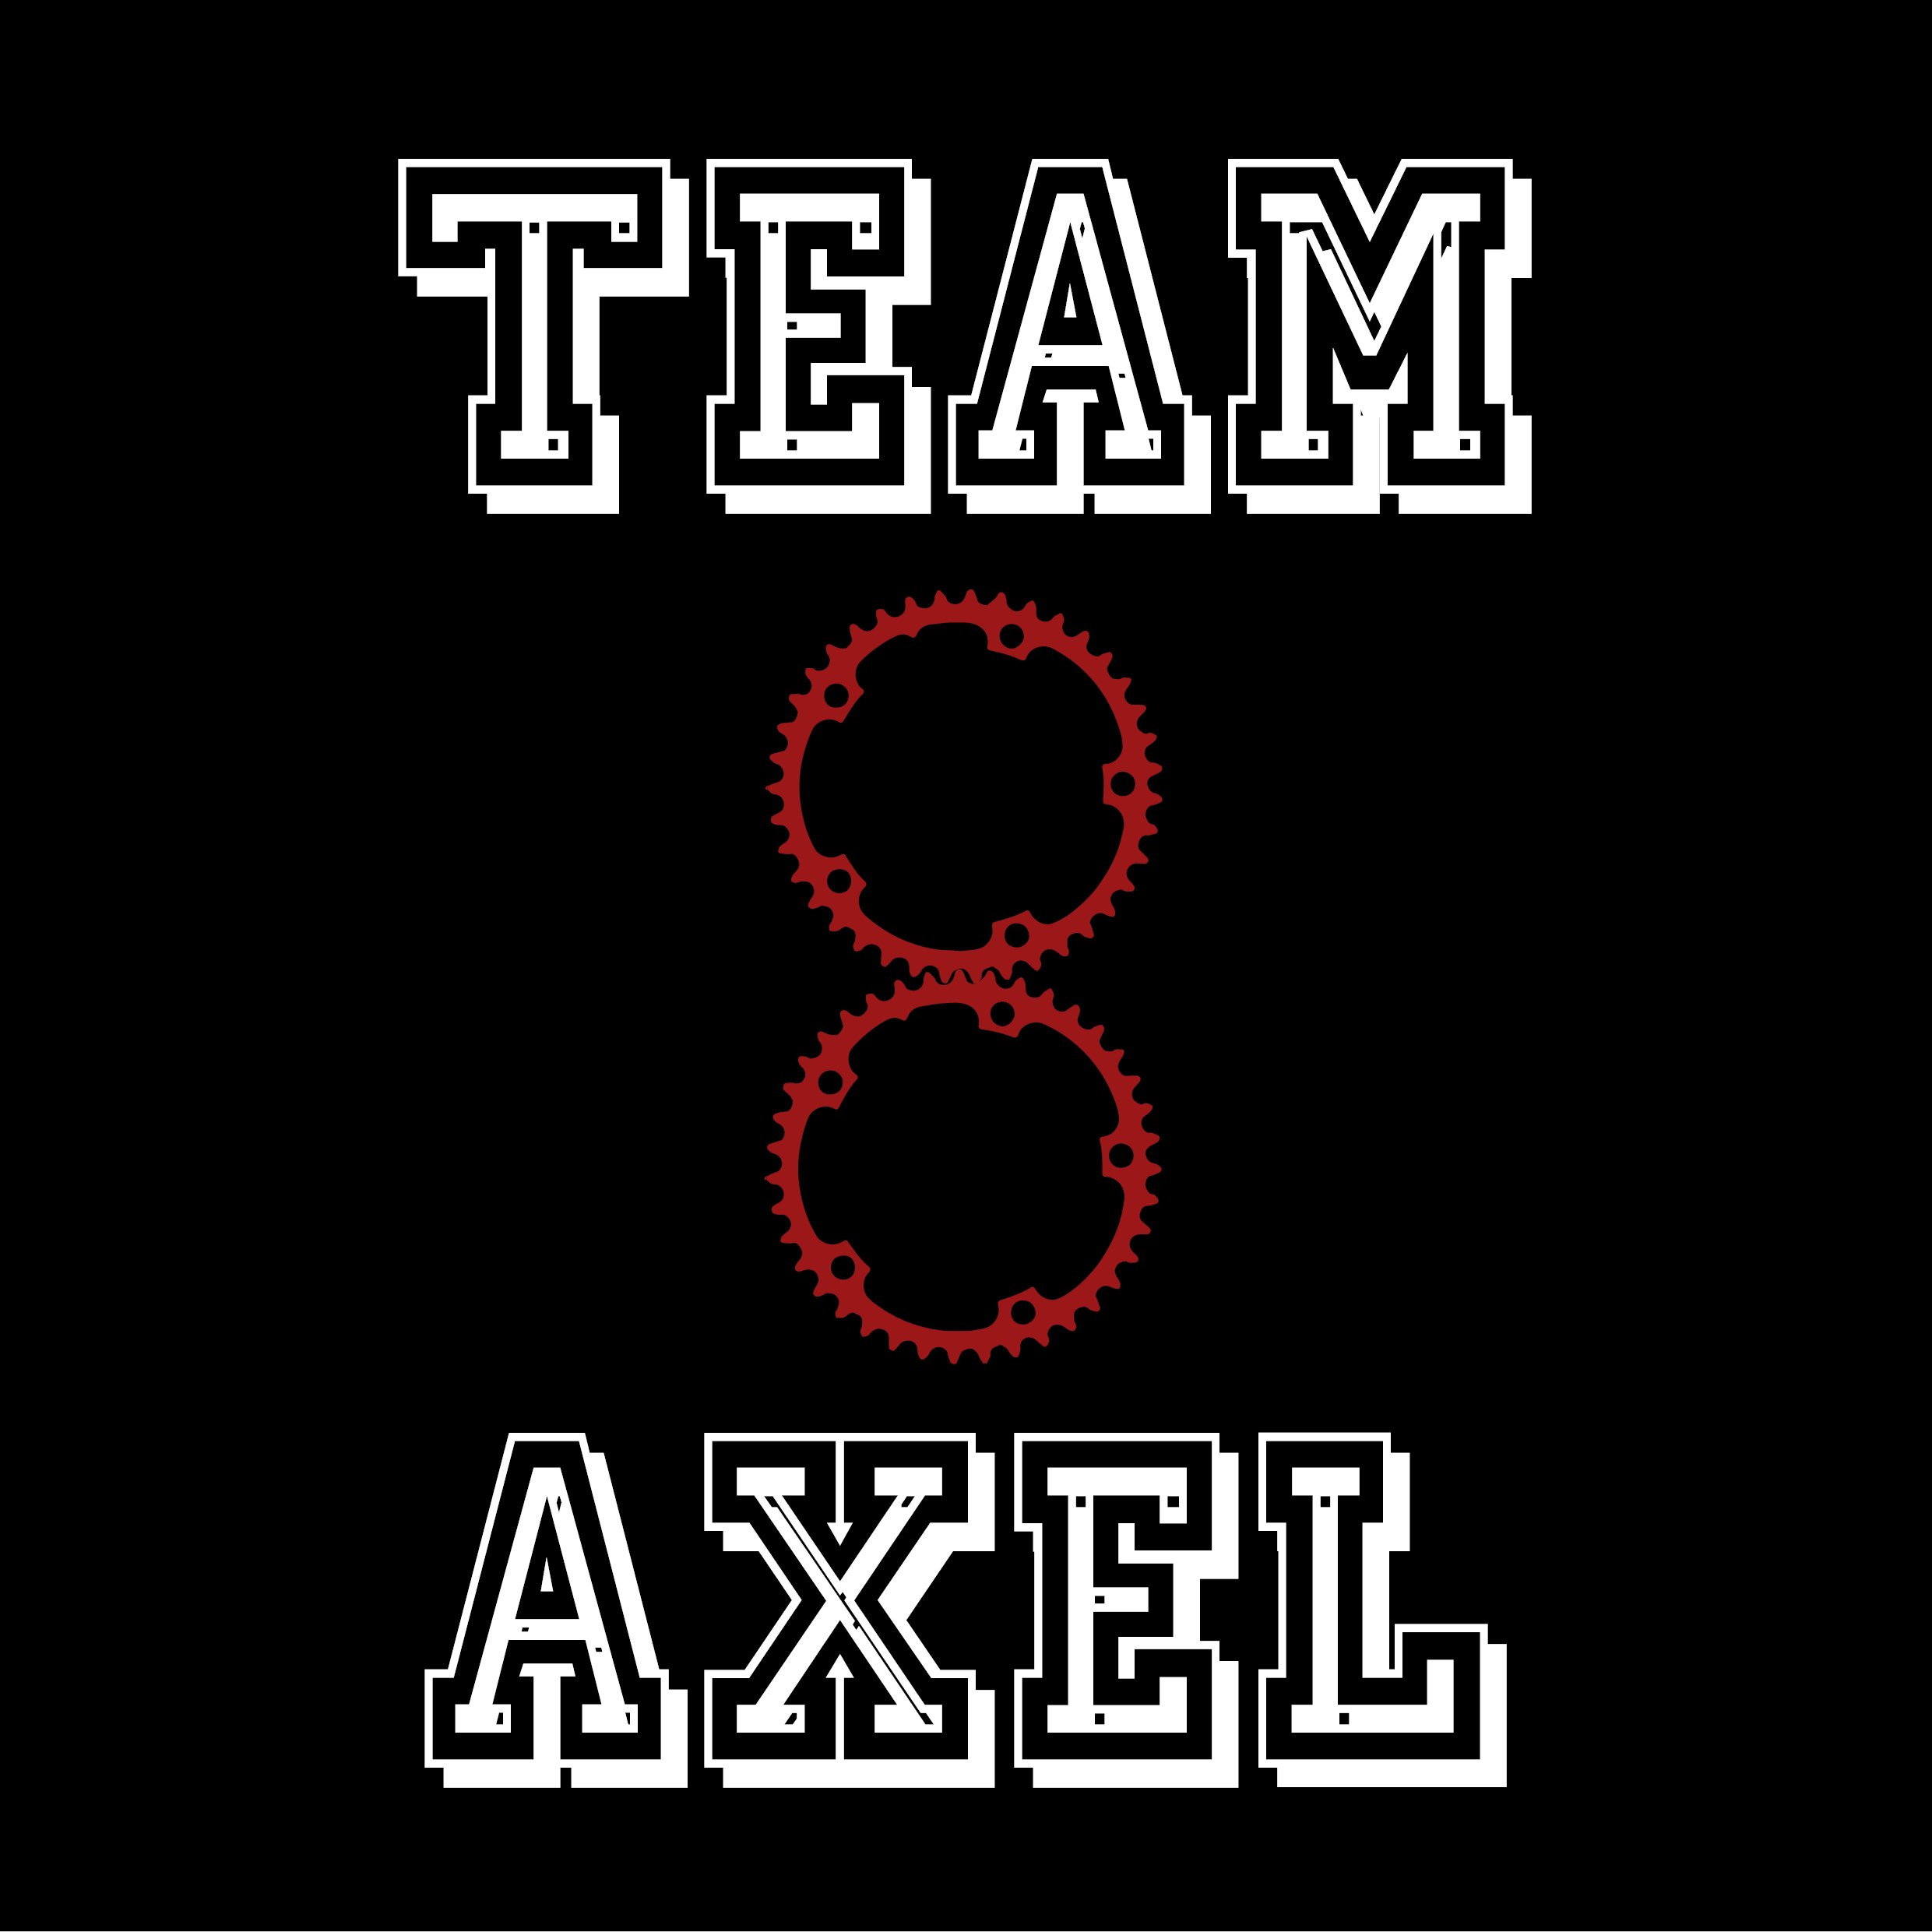 Team Axel 8